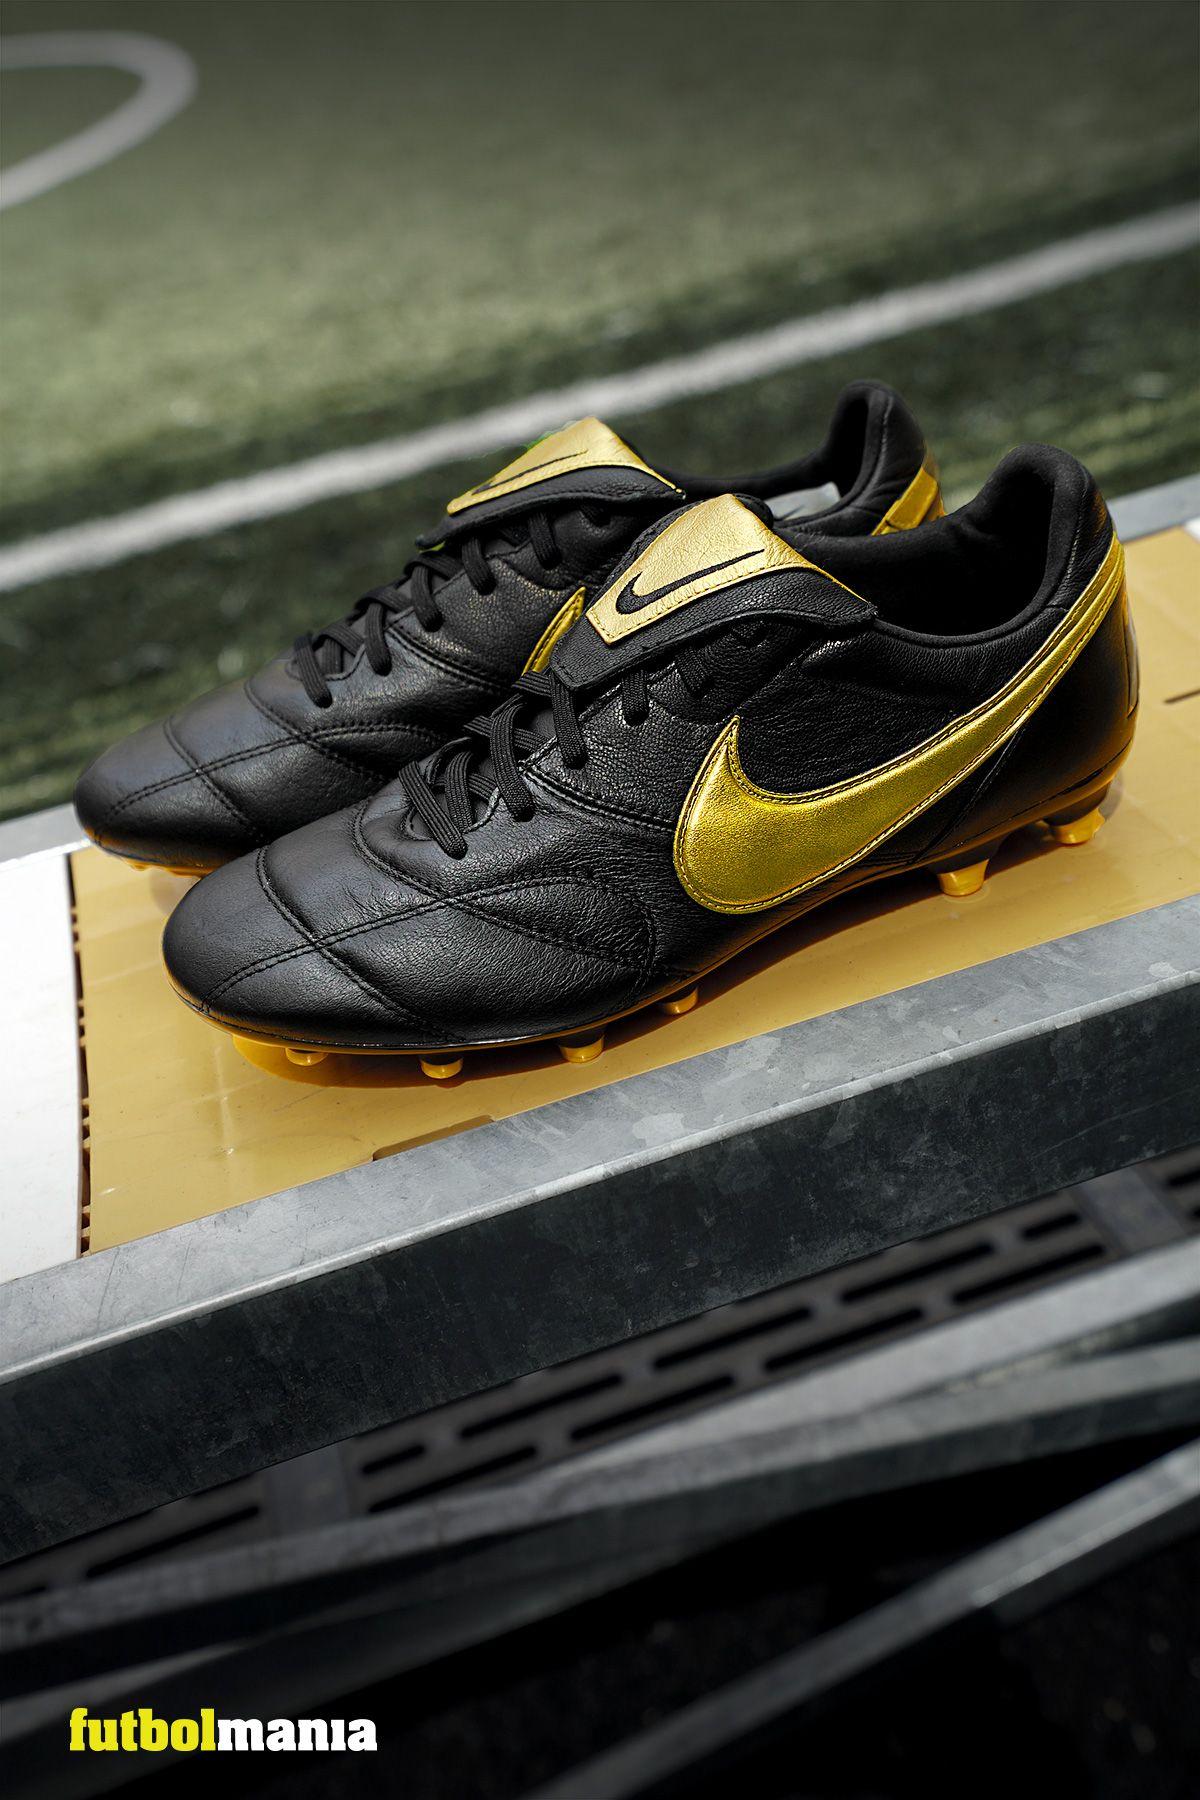 verano Serpiente Categoría  Nike Premier II FG | Zapatos de fútbol nike, Botas de futbol nike, Nike  fútbol